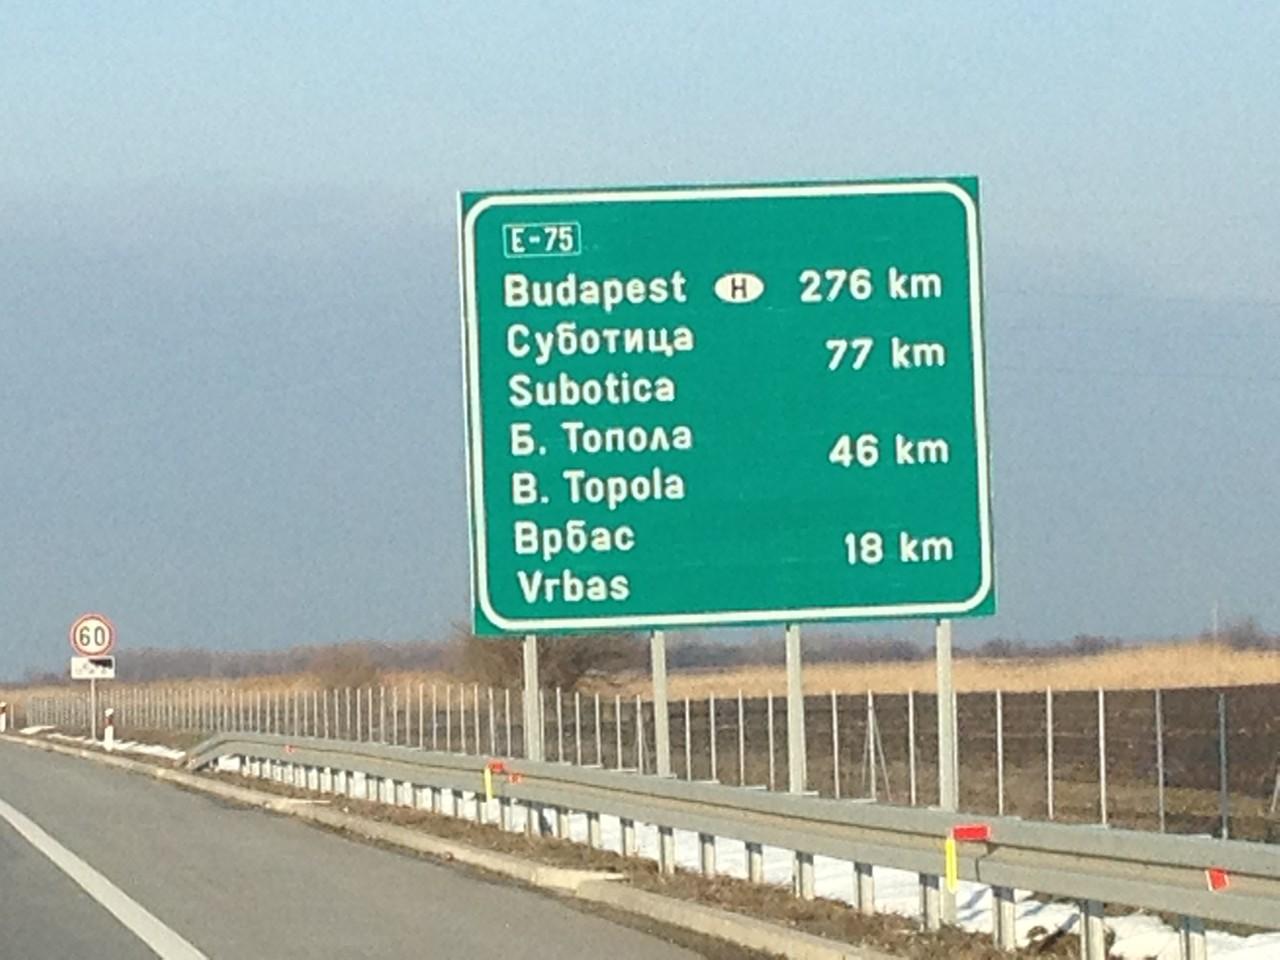 Alles was wir in Serbien gesehen haben!